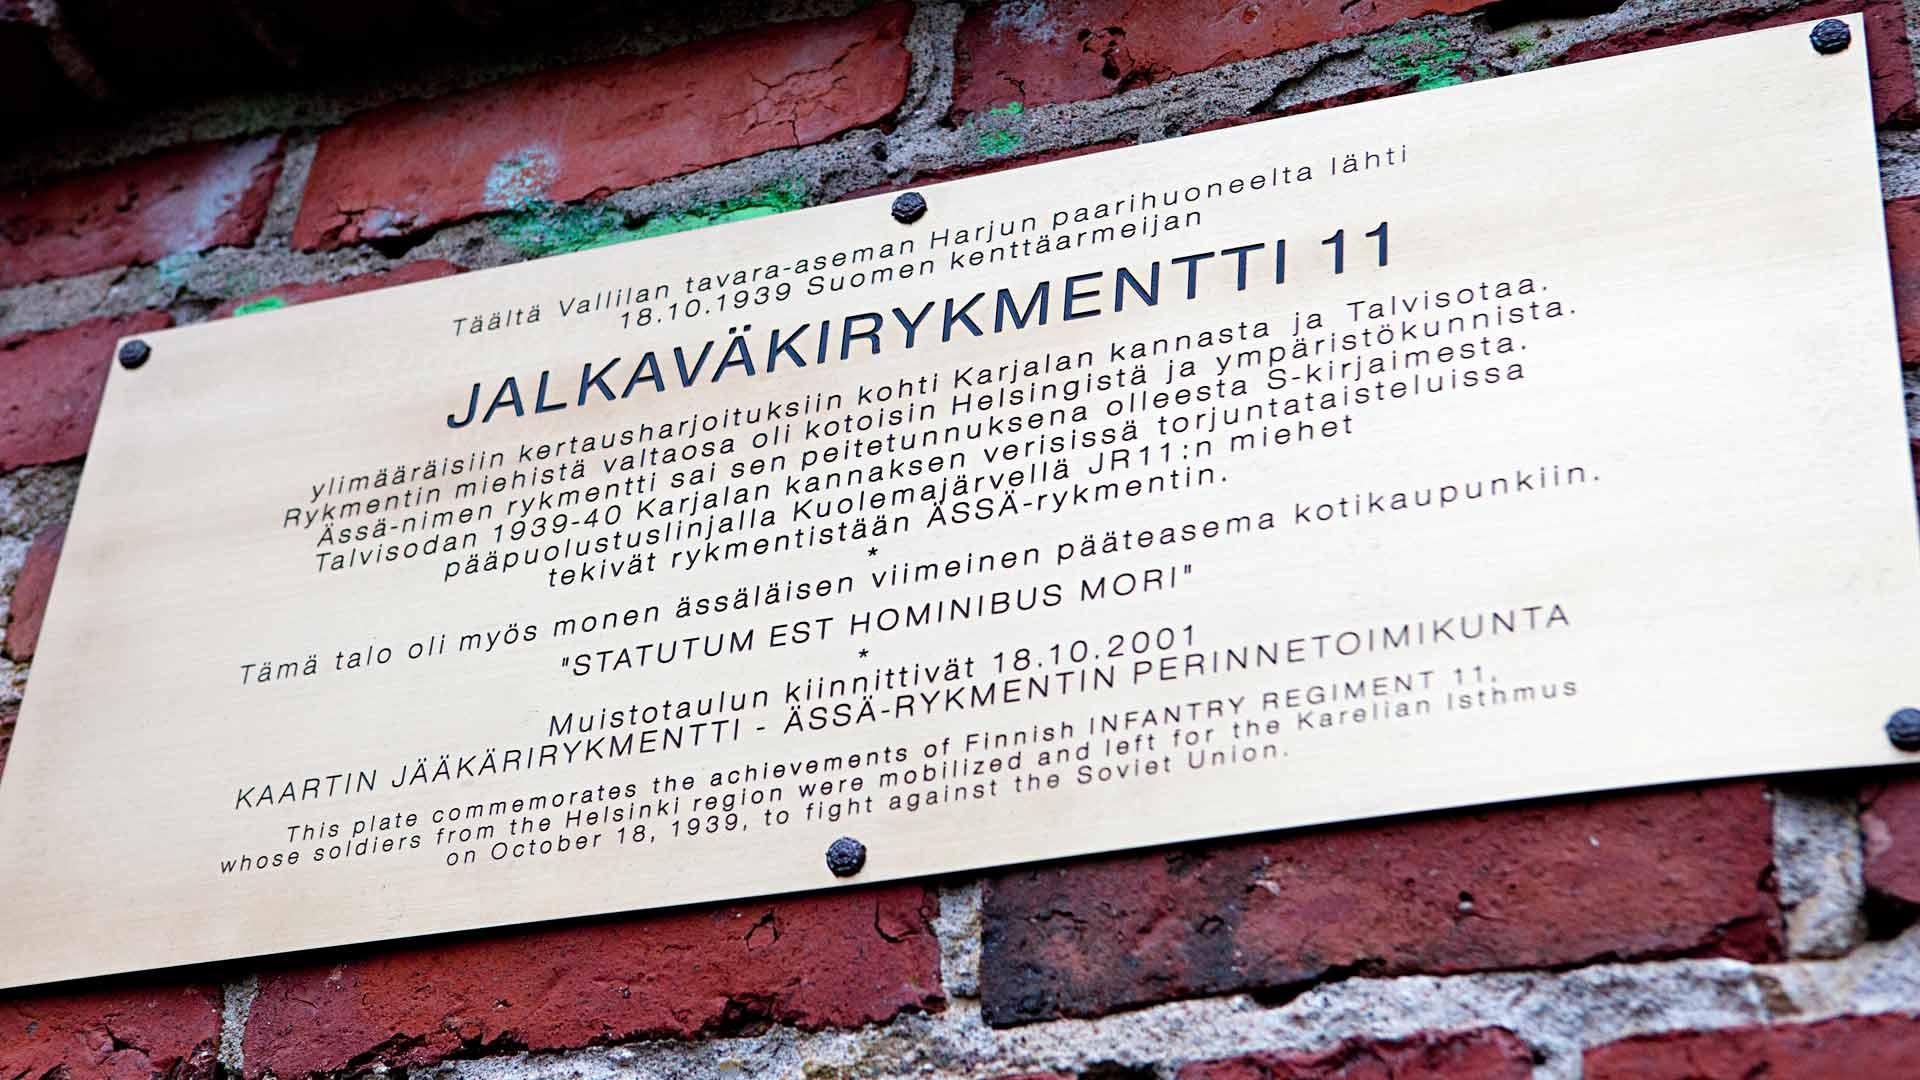 """Harjun ruumishuoneen muistolaatan latinankielinen teksti tarkoittaa """"Säädetty on ihmiselle kuolema""""."""